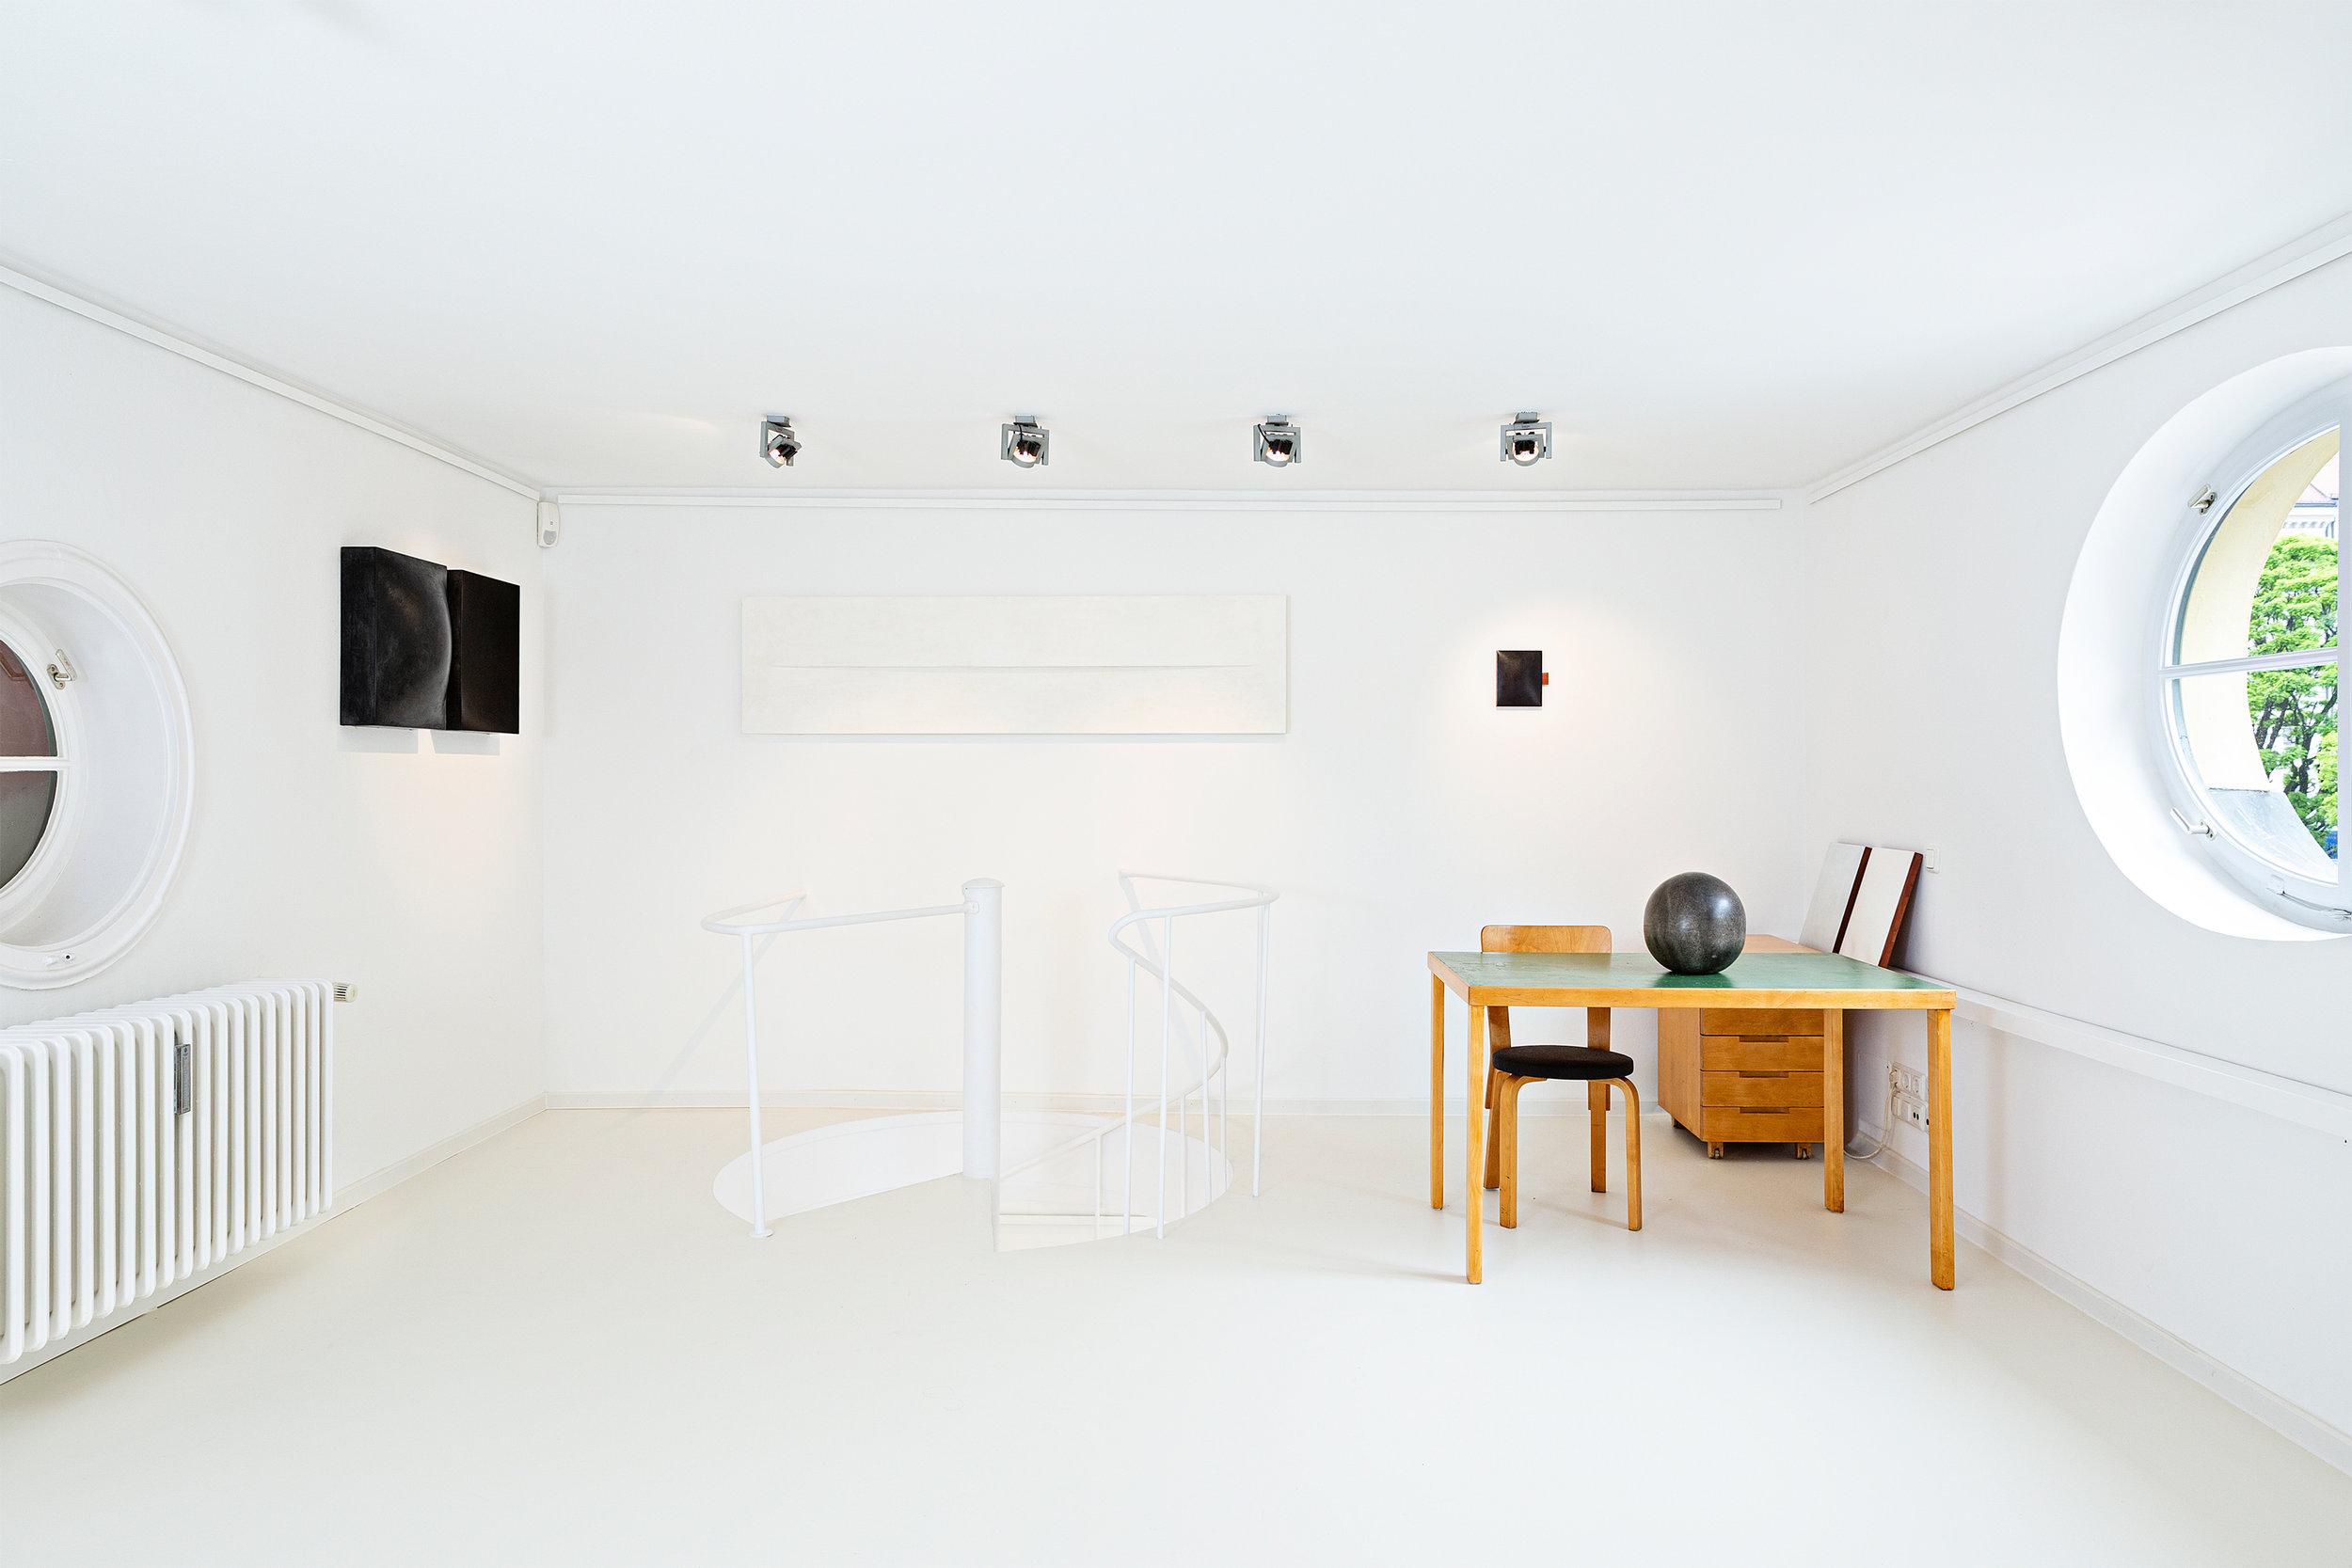 Innenansicht der der Galerie mit Design von Alvar Aalto und Kunst von Mats Bergquist, Foto Francesco Giordano, 2019